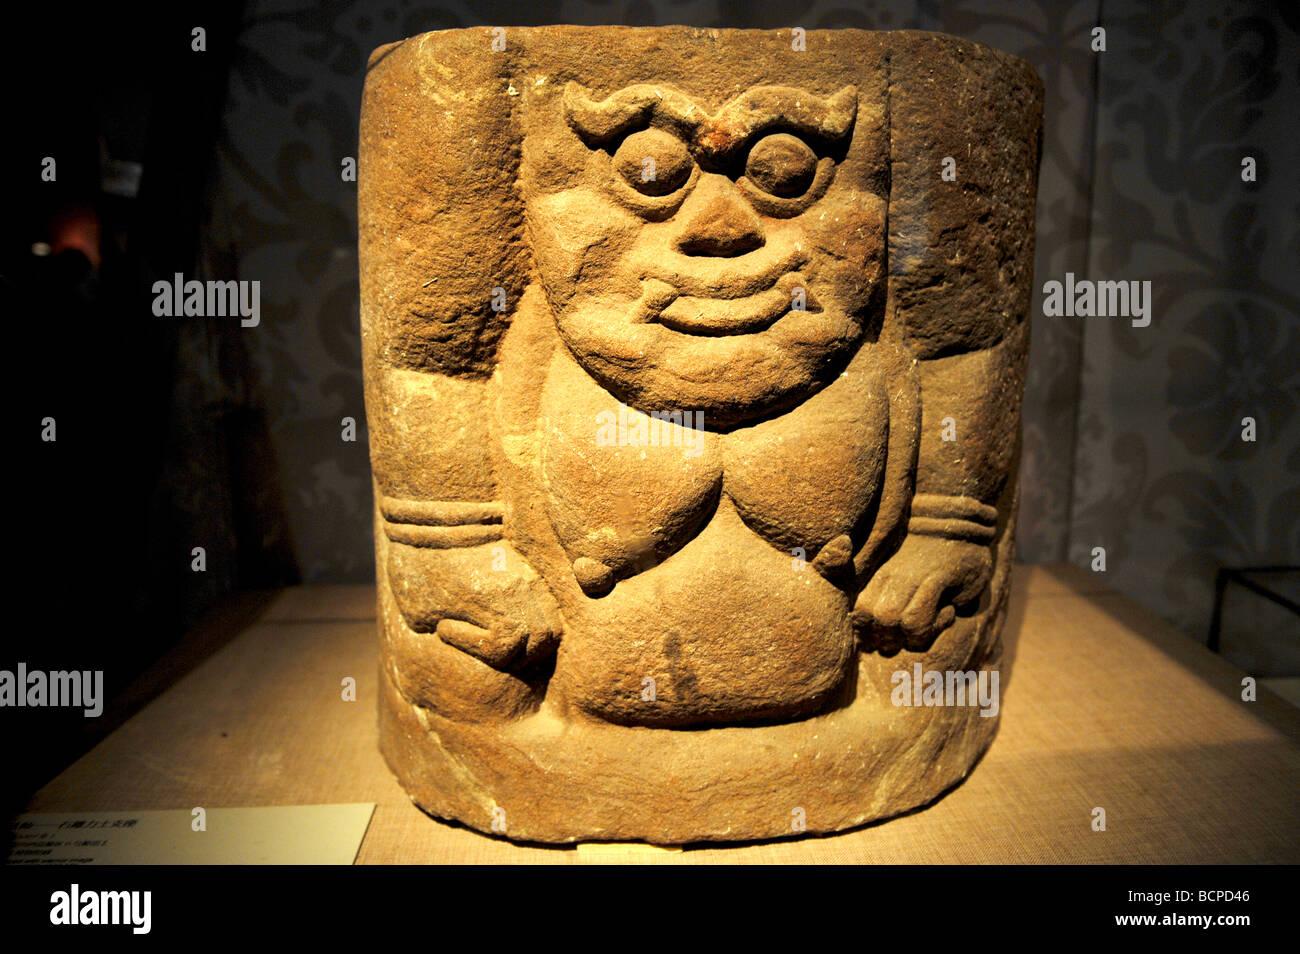 Monument en pierre sculptée avec tablette image d'un homme puissant d'ouest dynastie Xia, Musée de la capitale, Beijing, Chine Banque D'Images